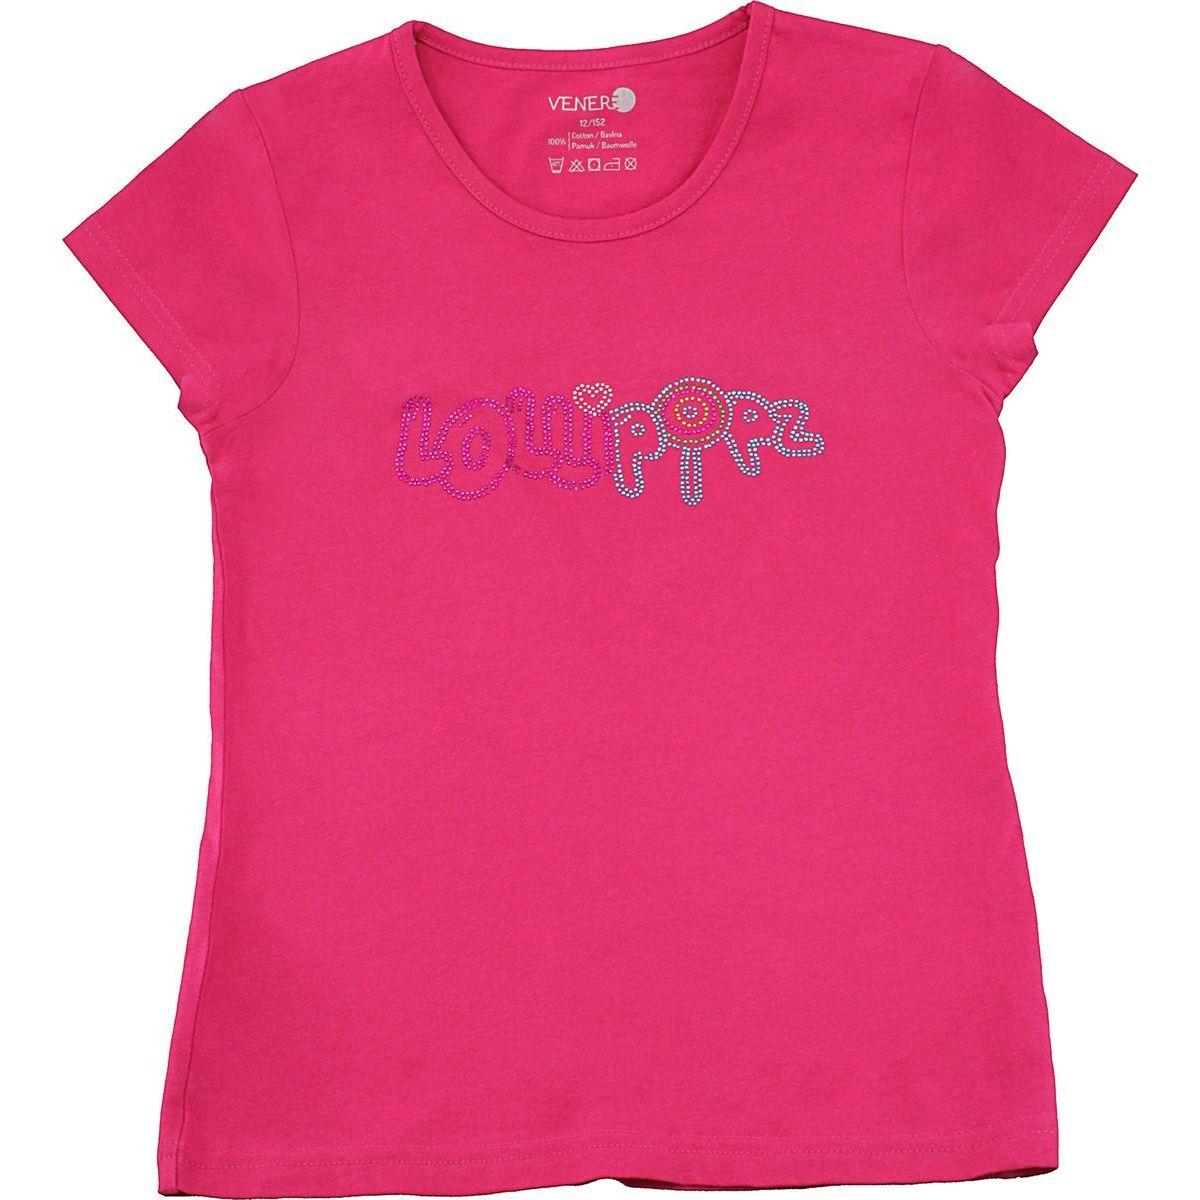 Tričko Lollipopz s kamínkovou aplikací růžové, velikost 140 cm (10 let)